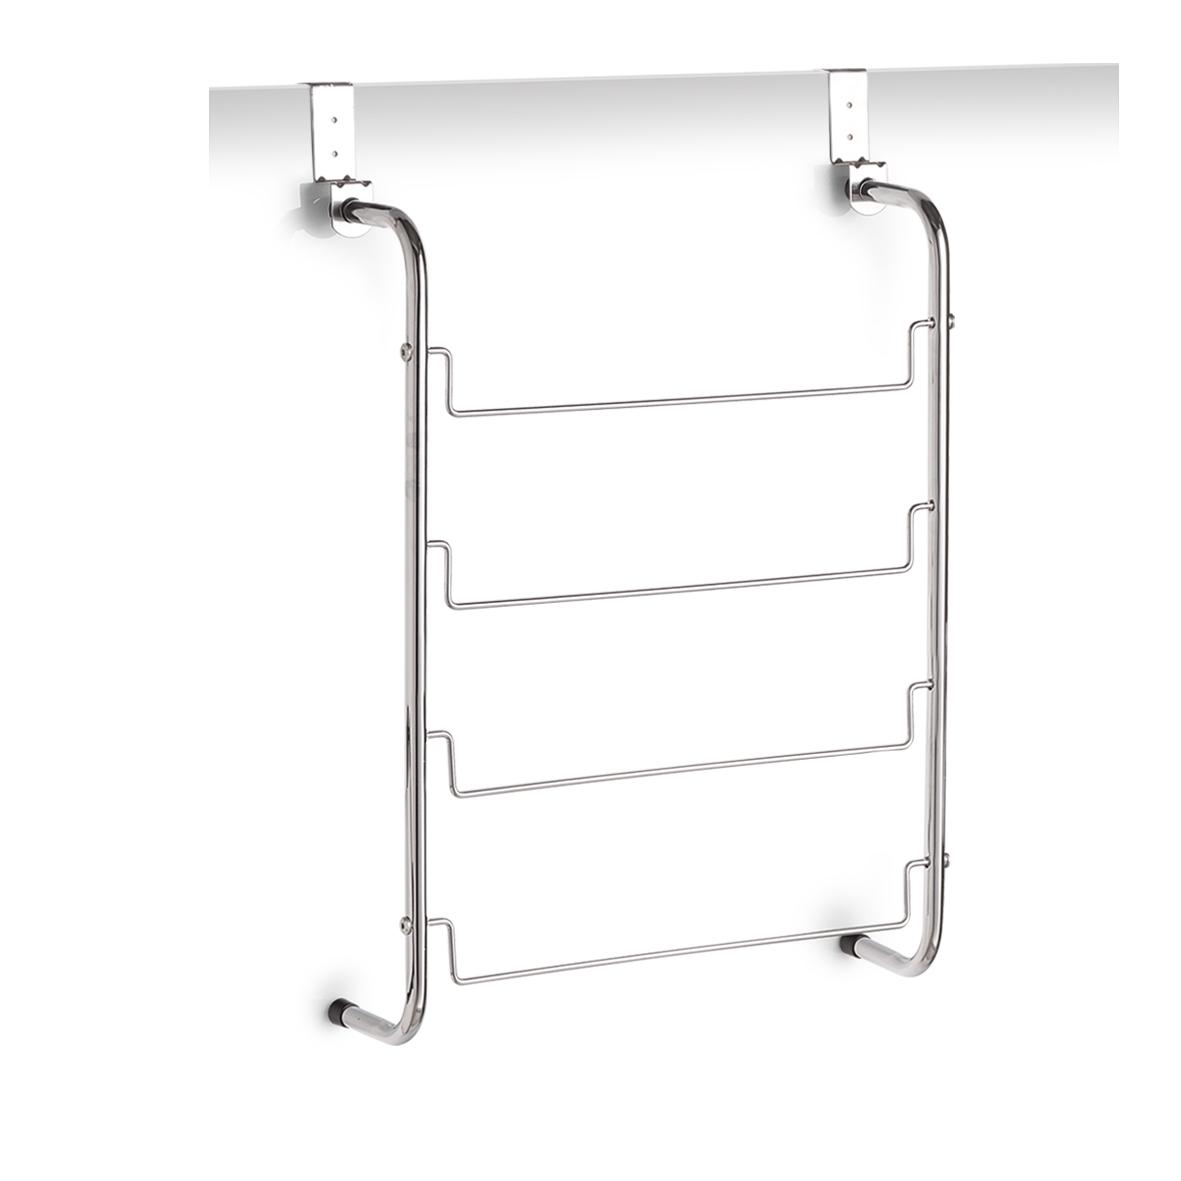 Suport de usa pentru prosoape, Metal cromat, l44xA12,5xH66,5 cm imagine